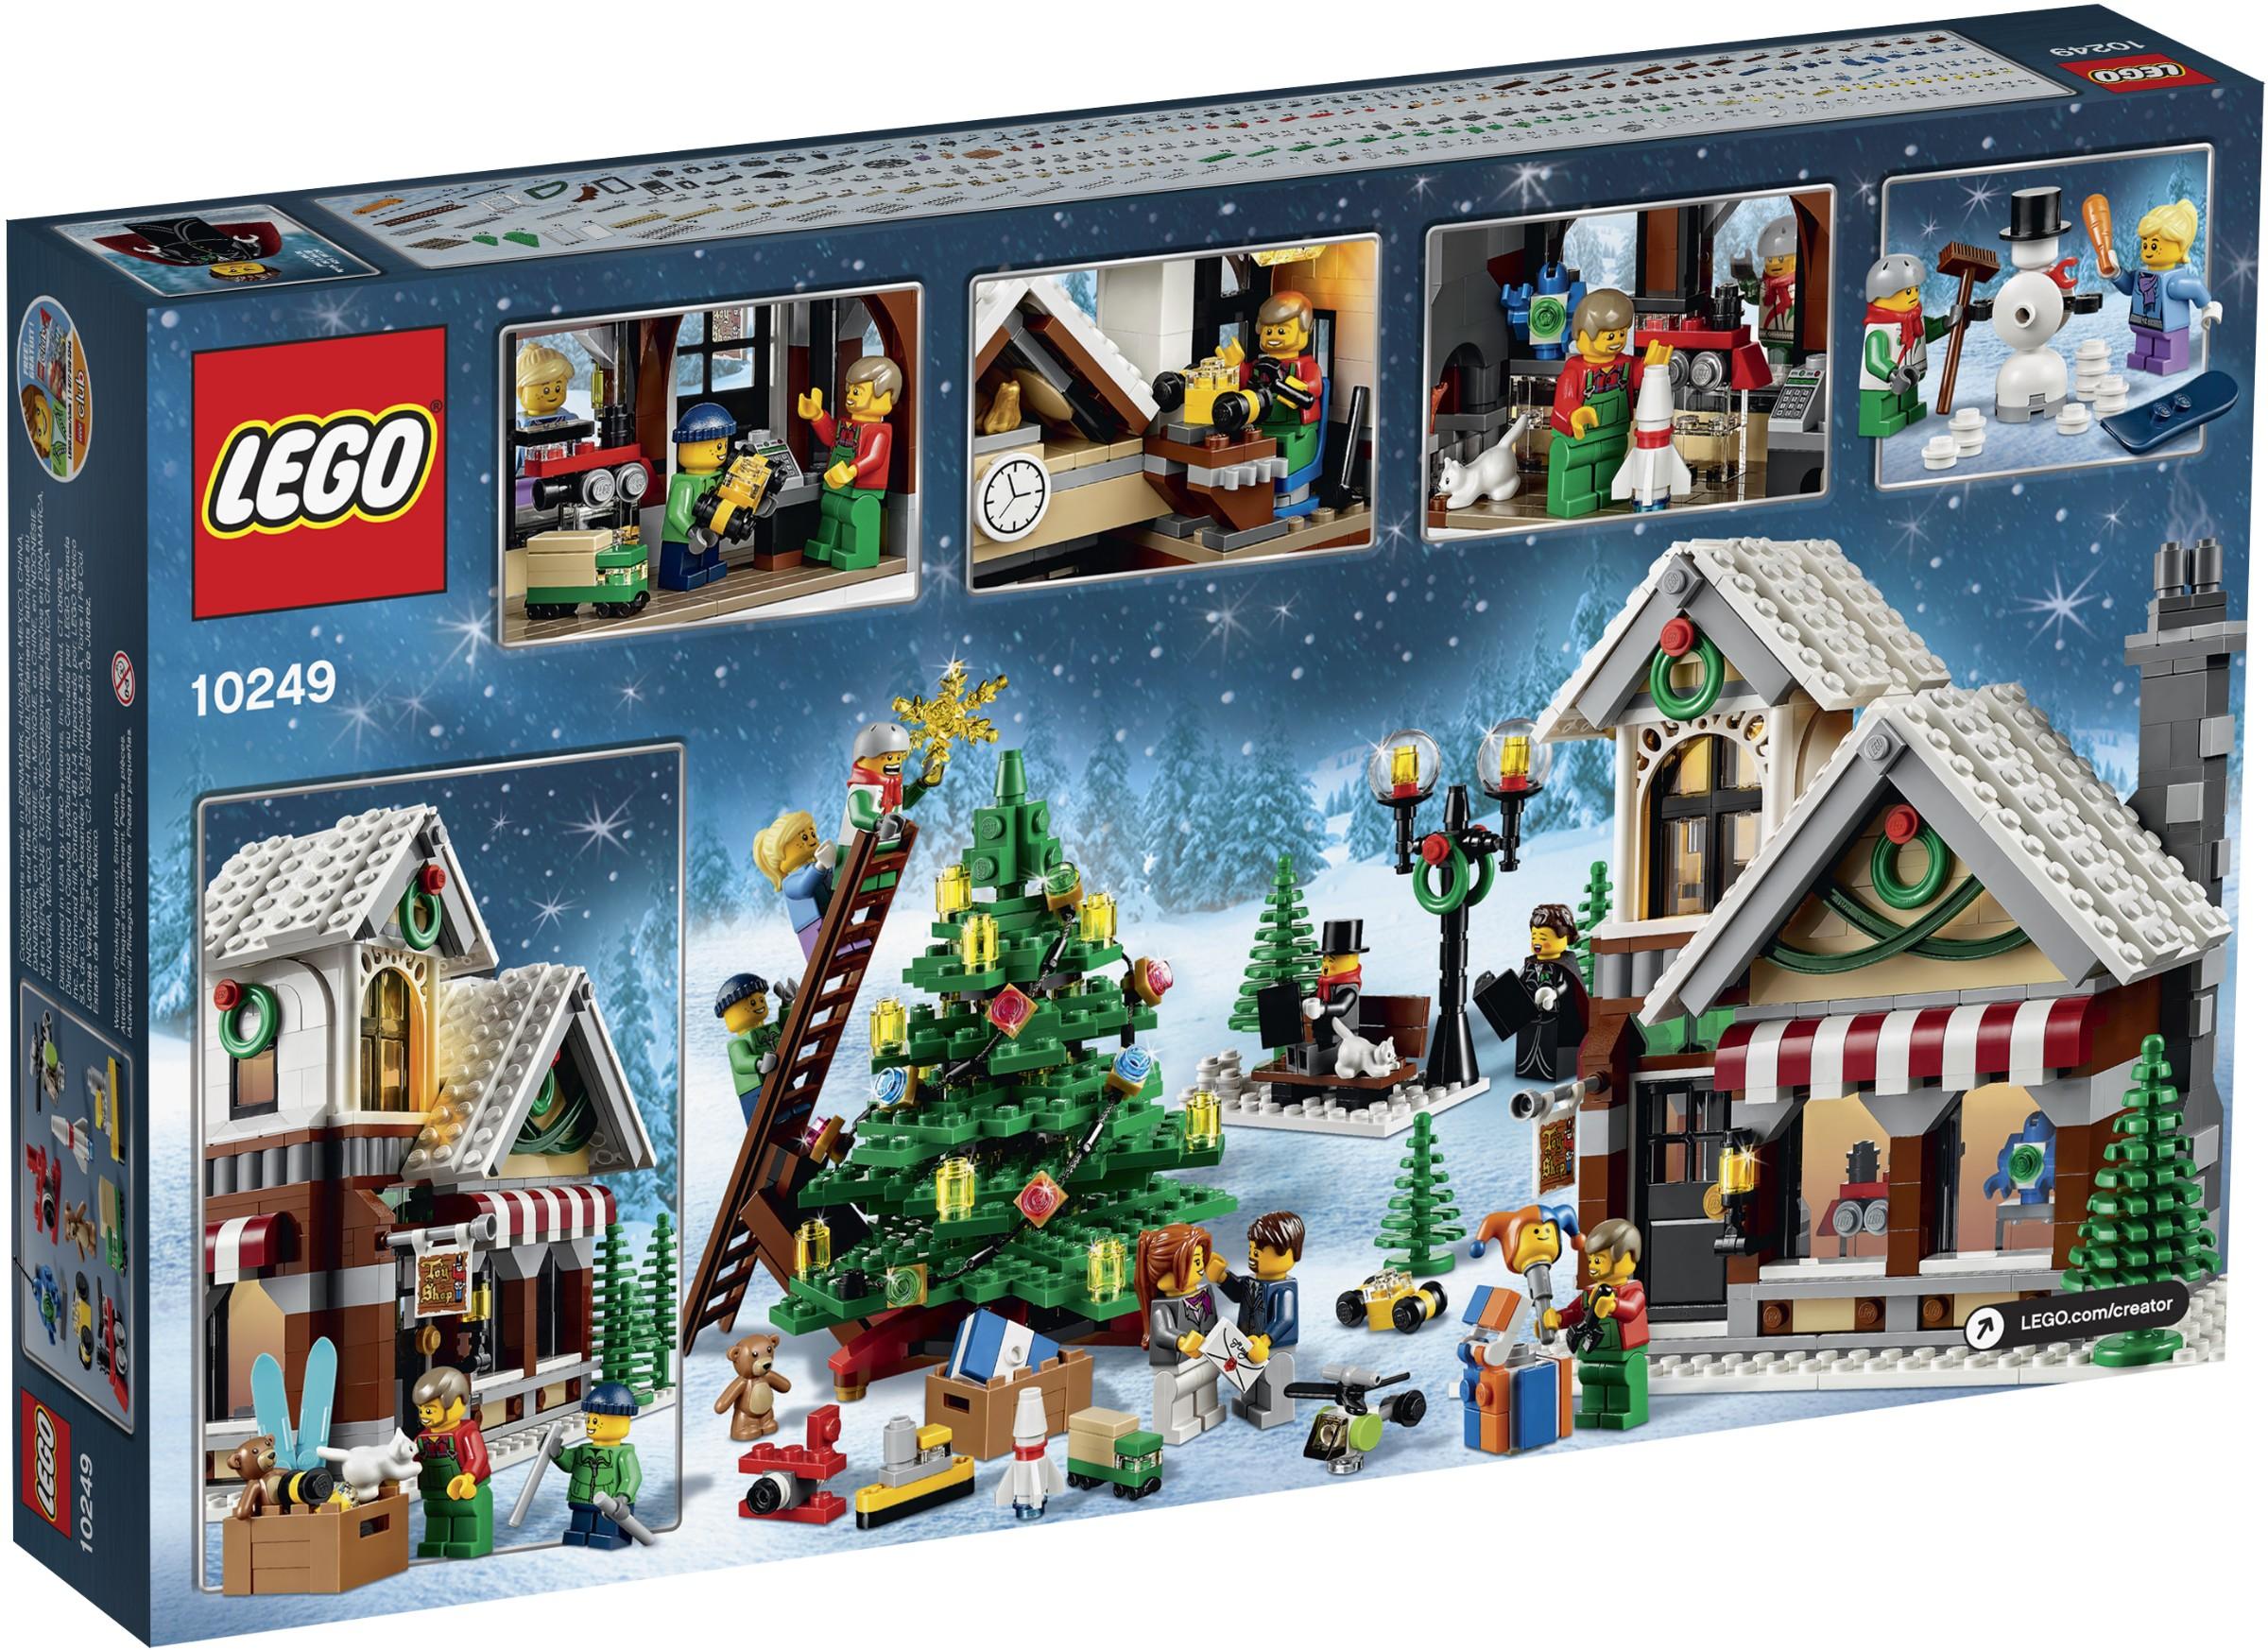 http://images.brickset.com/sets/AdditionalImages/10249-1/10249_box5_na.jpg